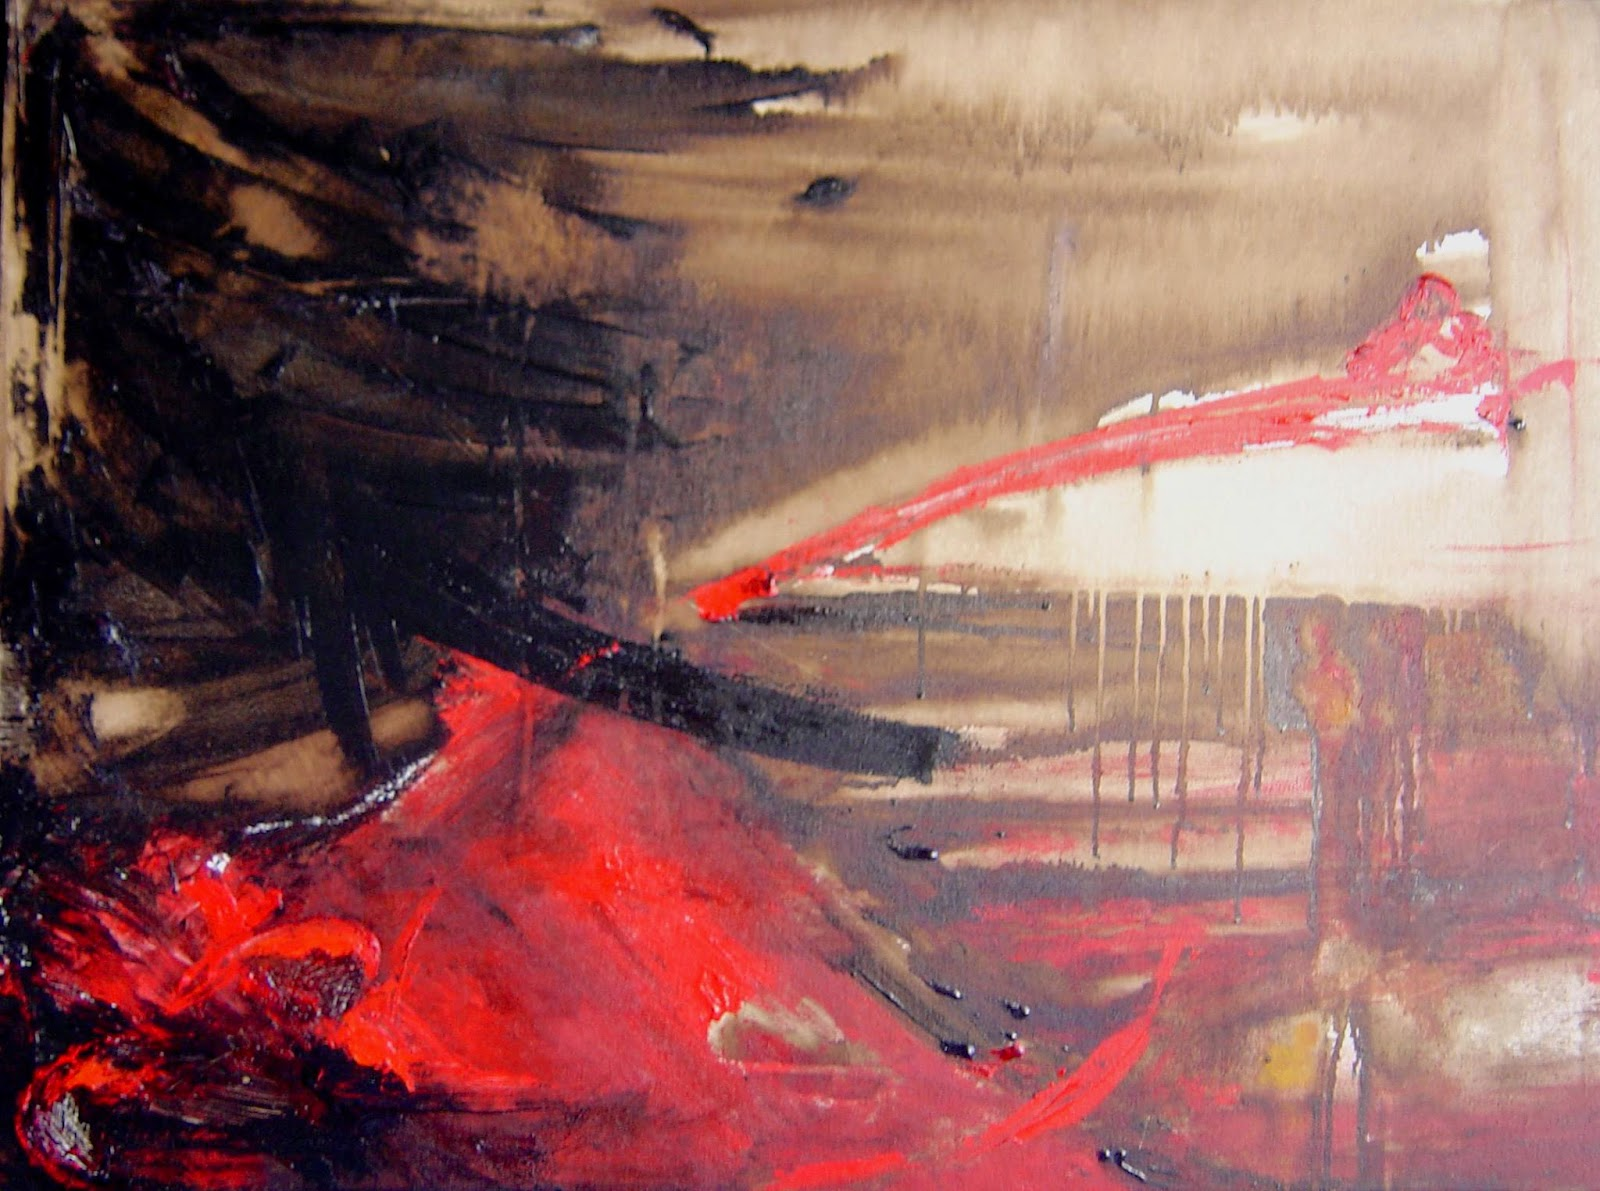 Pinturas abstractas de vanina martinez rojas - Ver colores de pintura ...